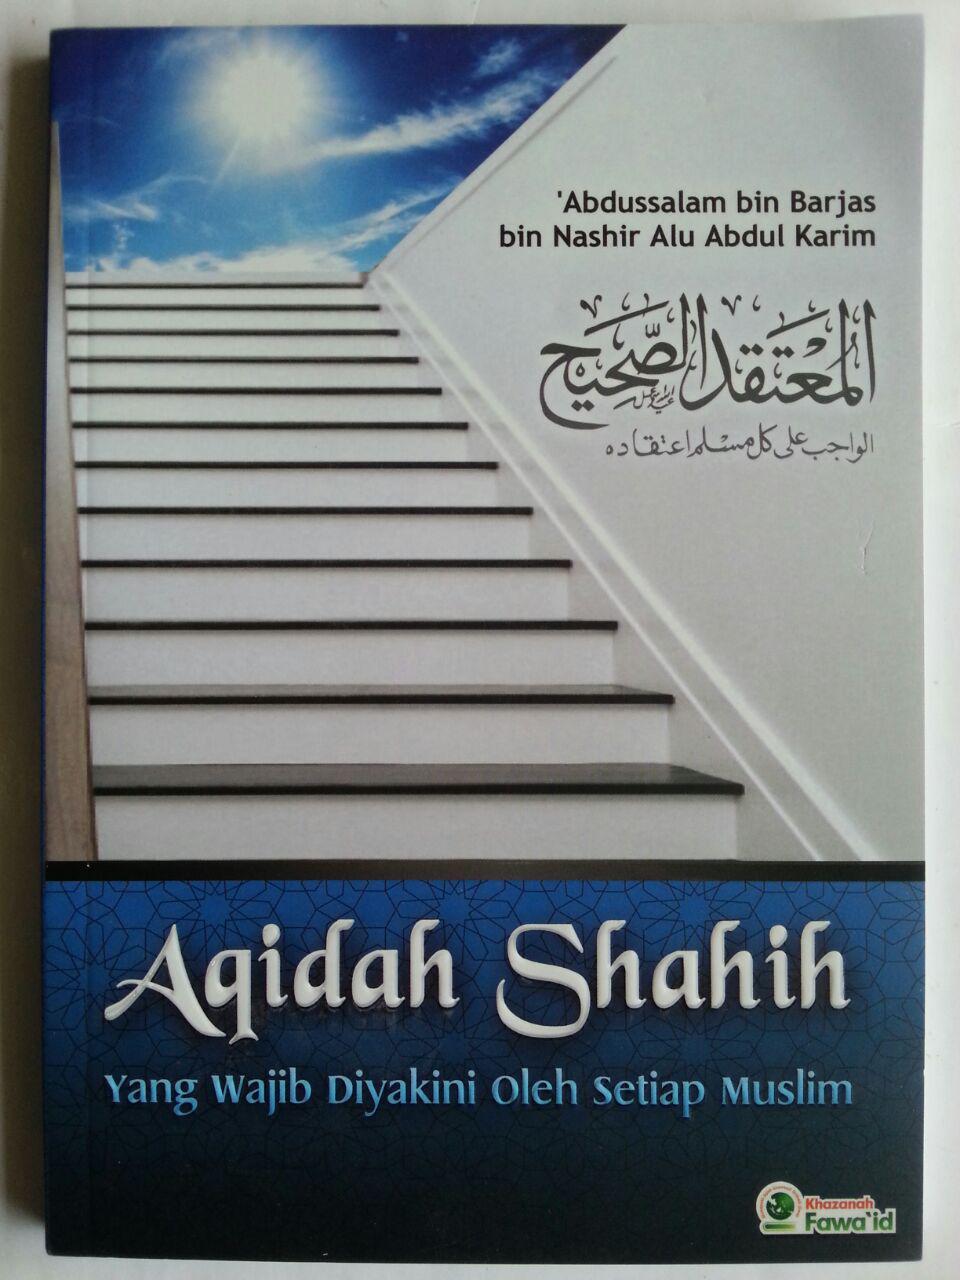 Buku Aqidah Shahih Yang Wajib Diyakini Oleh Setiap Muslim cover 2